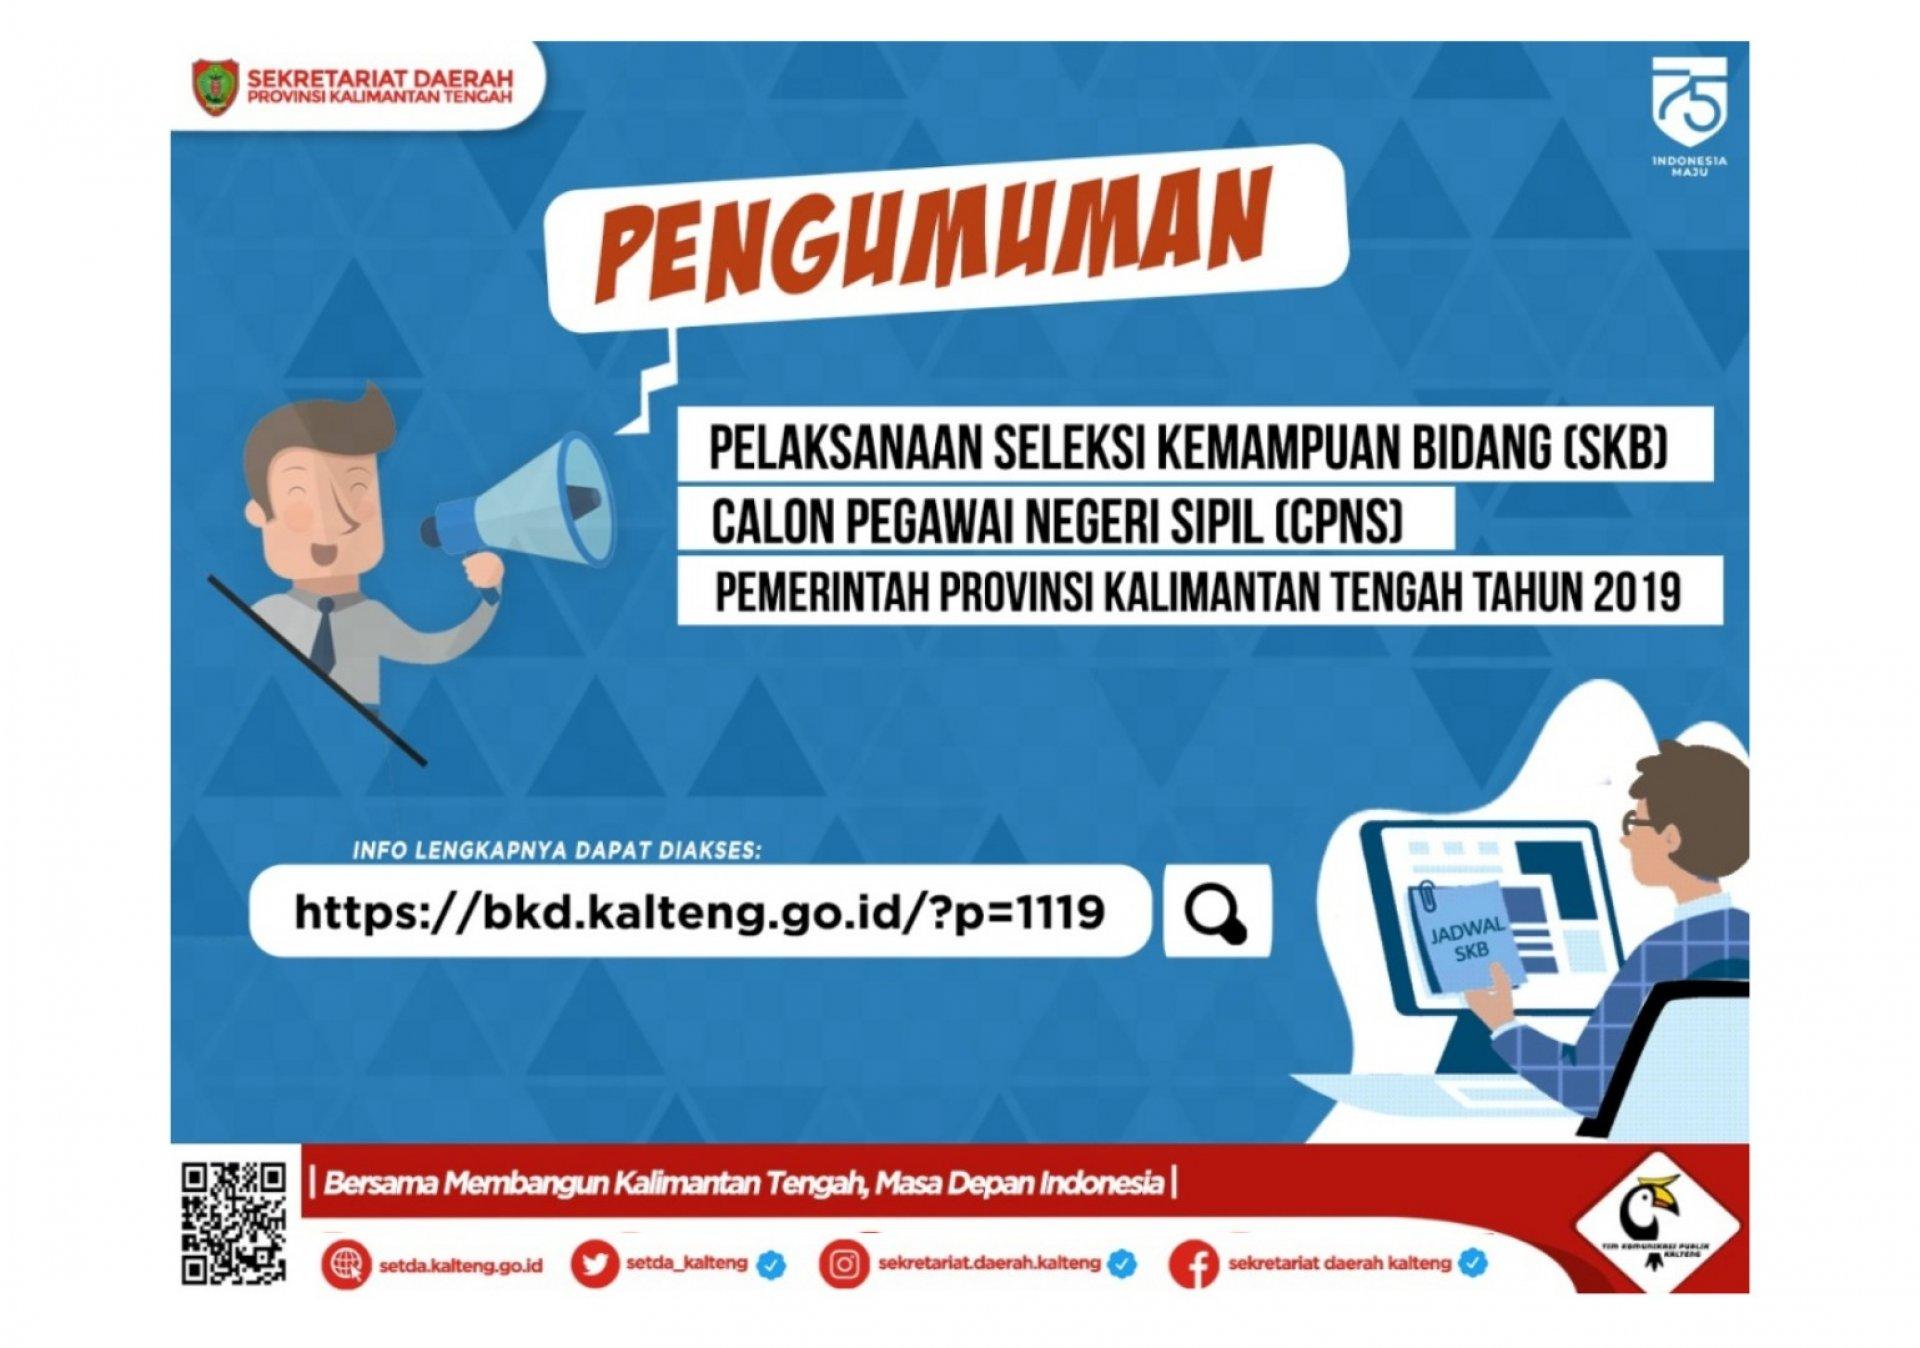 Pengumuman Pelaksanaan SKB Pada Seleksi CPNS Pemerintah Provinsi Kalimantan Tengah Formasi Tahun 2019